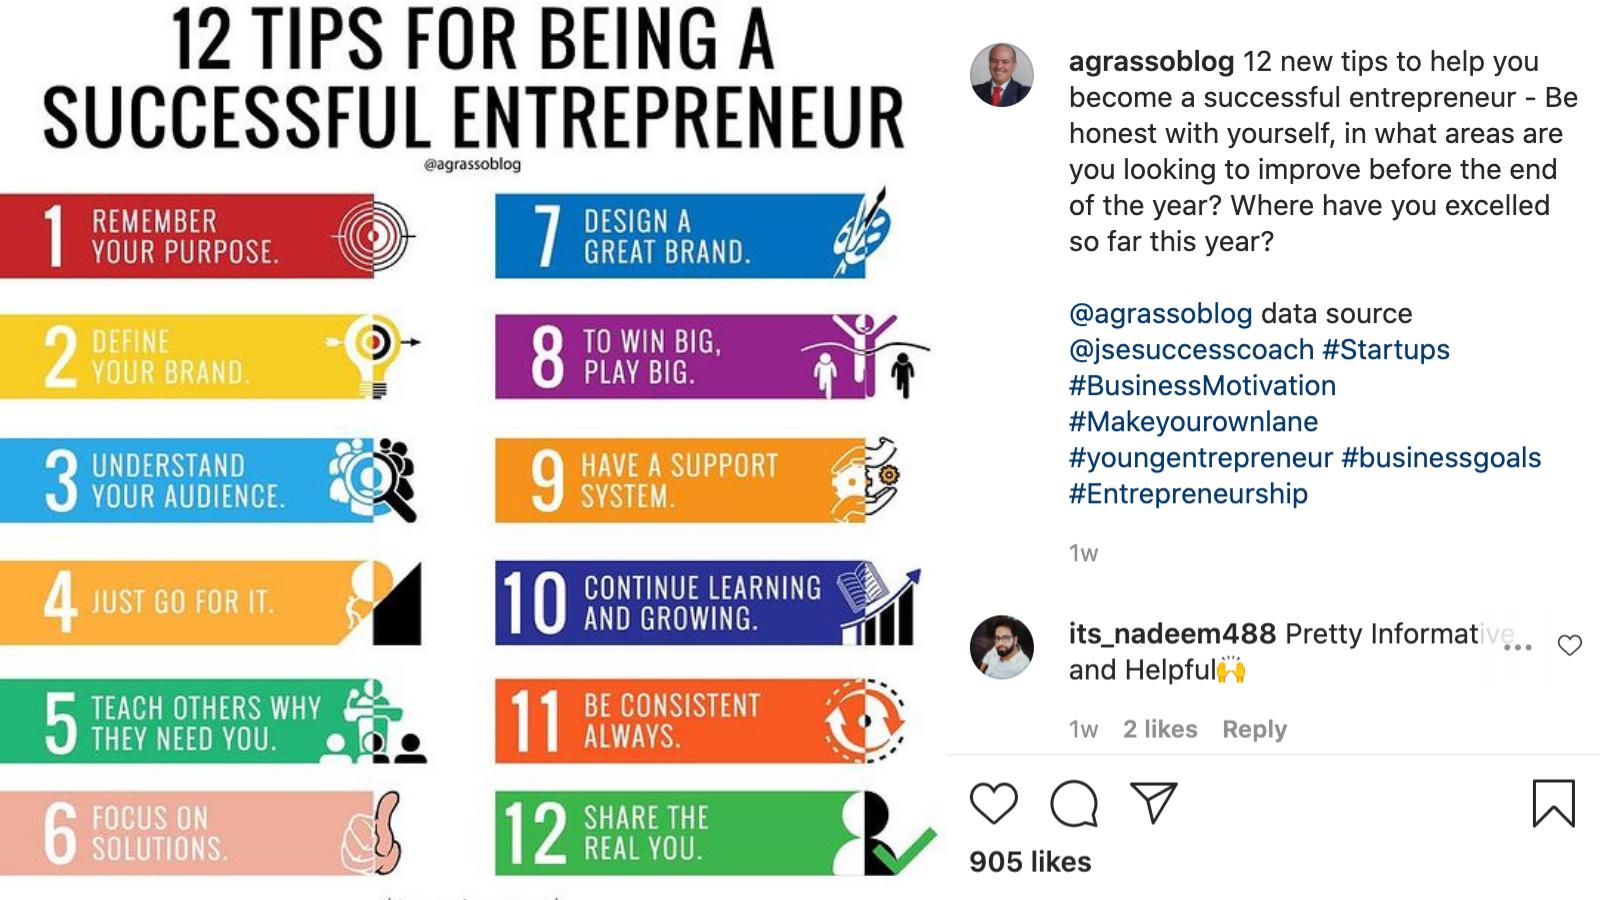 Antonio Grasso, Instagram tech influencer to follow